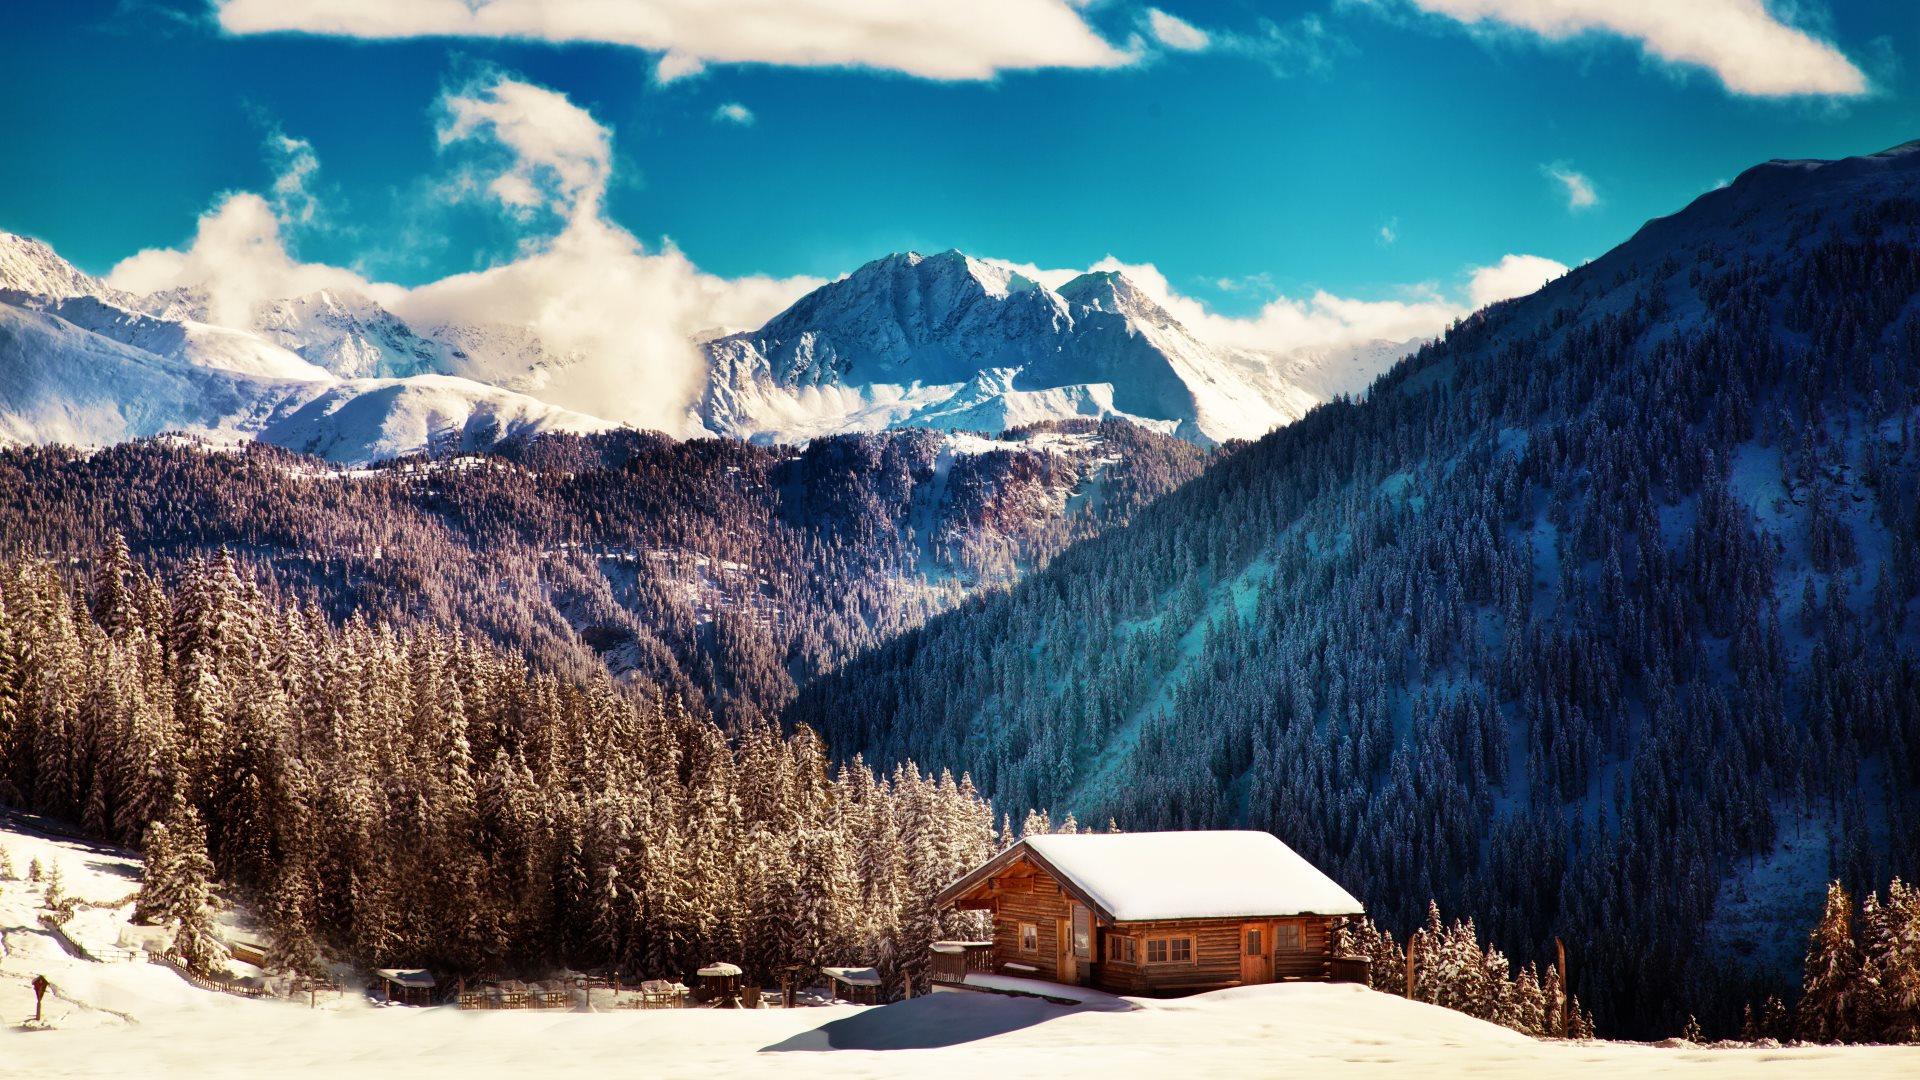 1920x1080 Winter Landscape Media File Pixelstalk Net